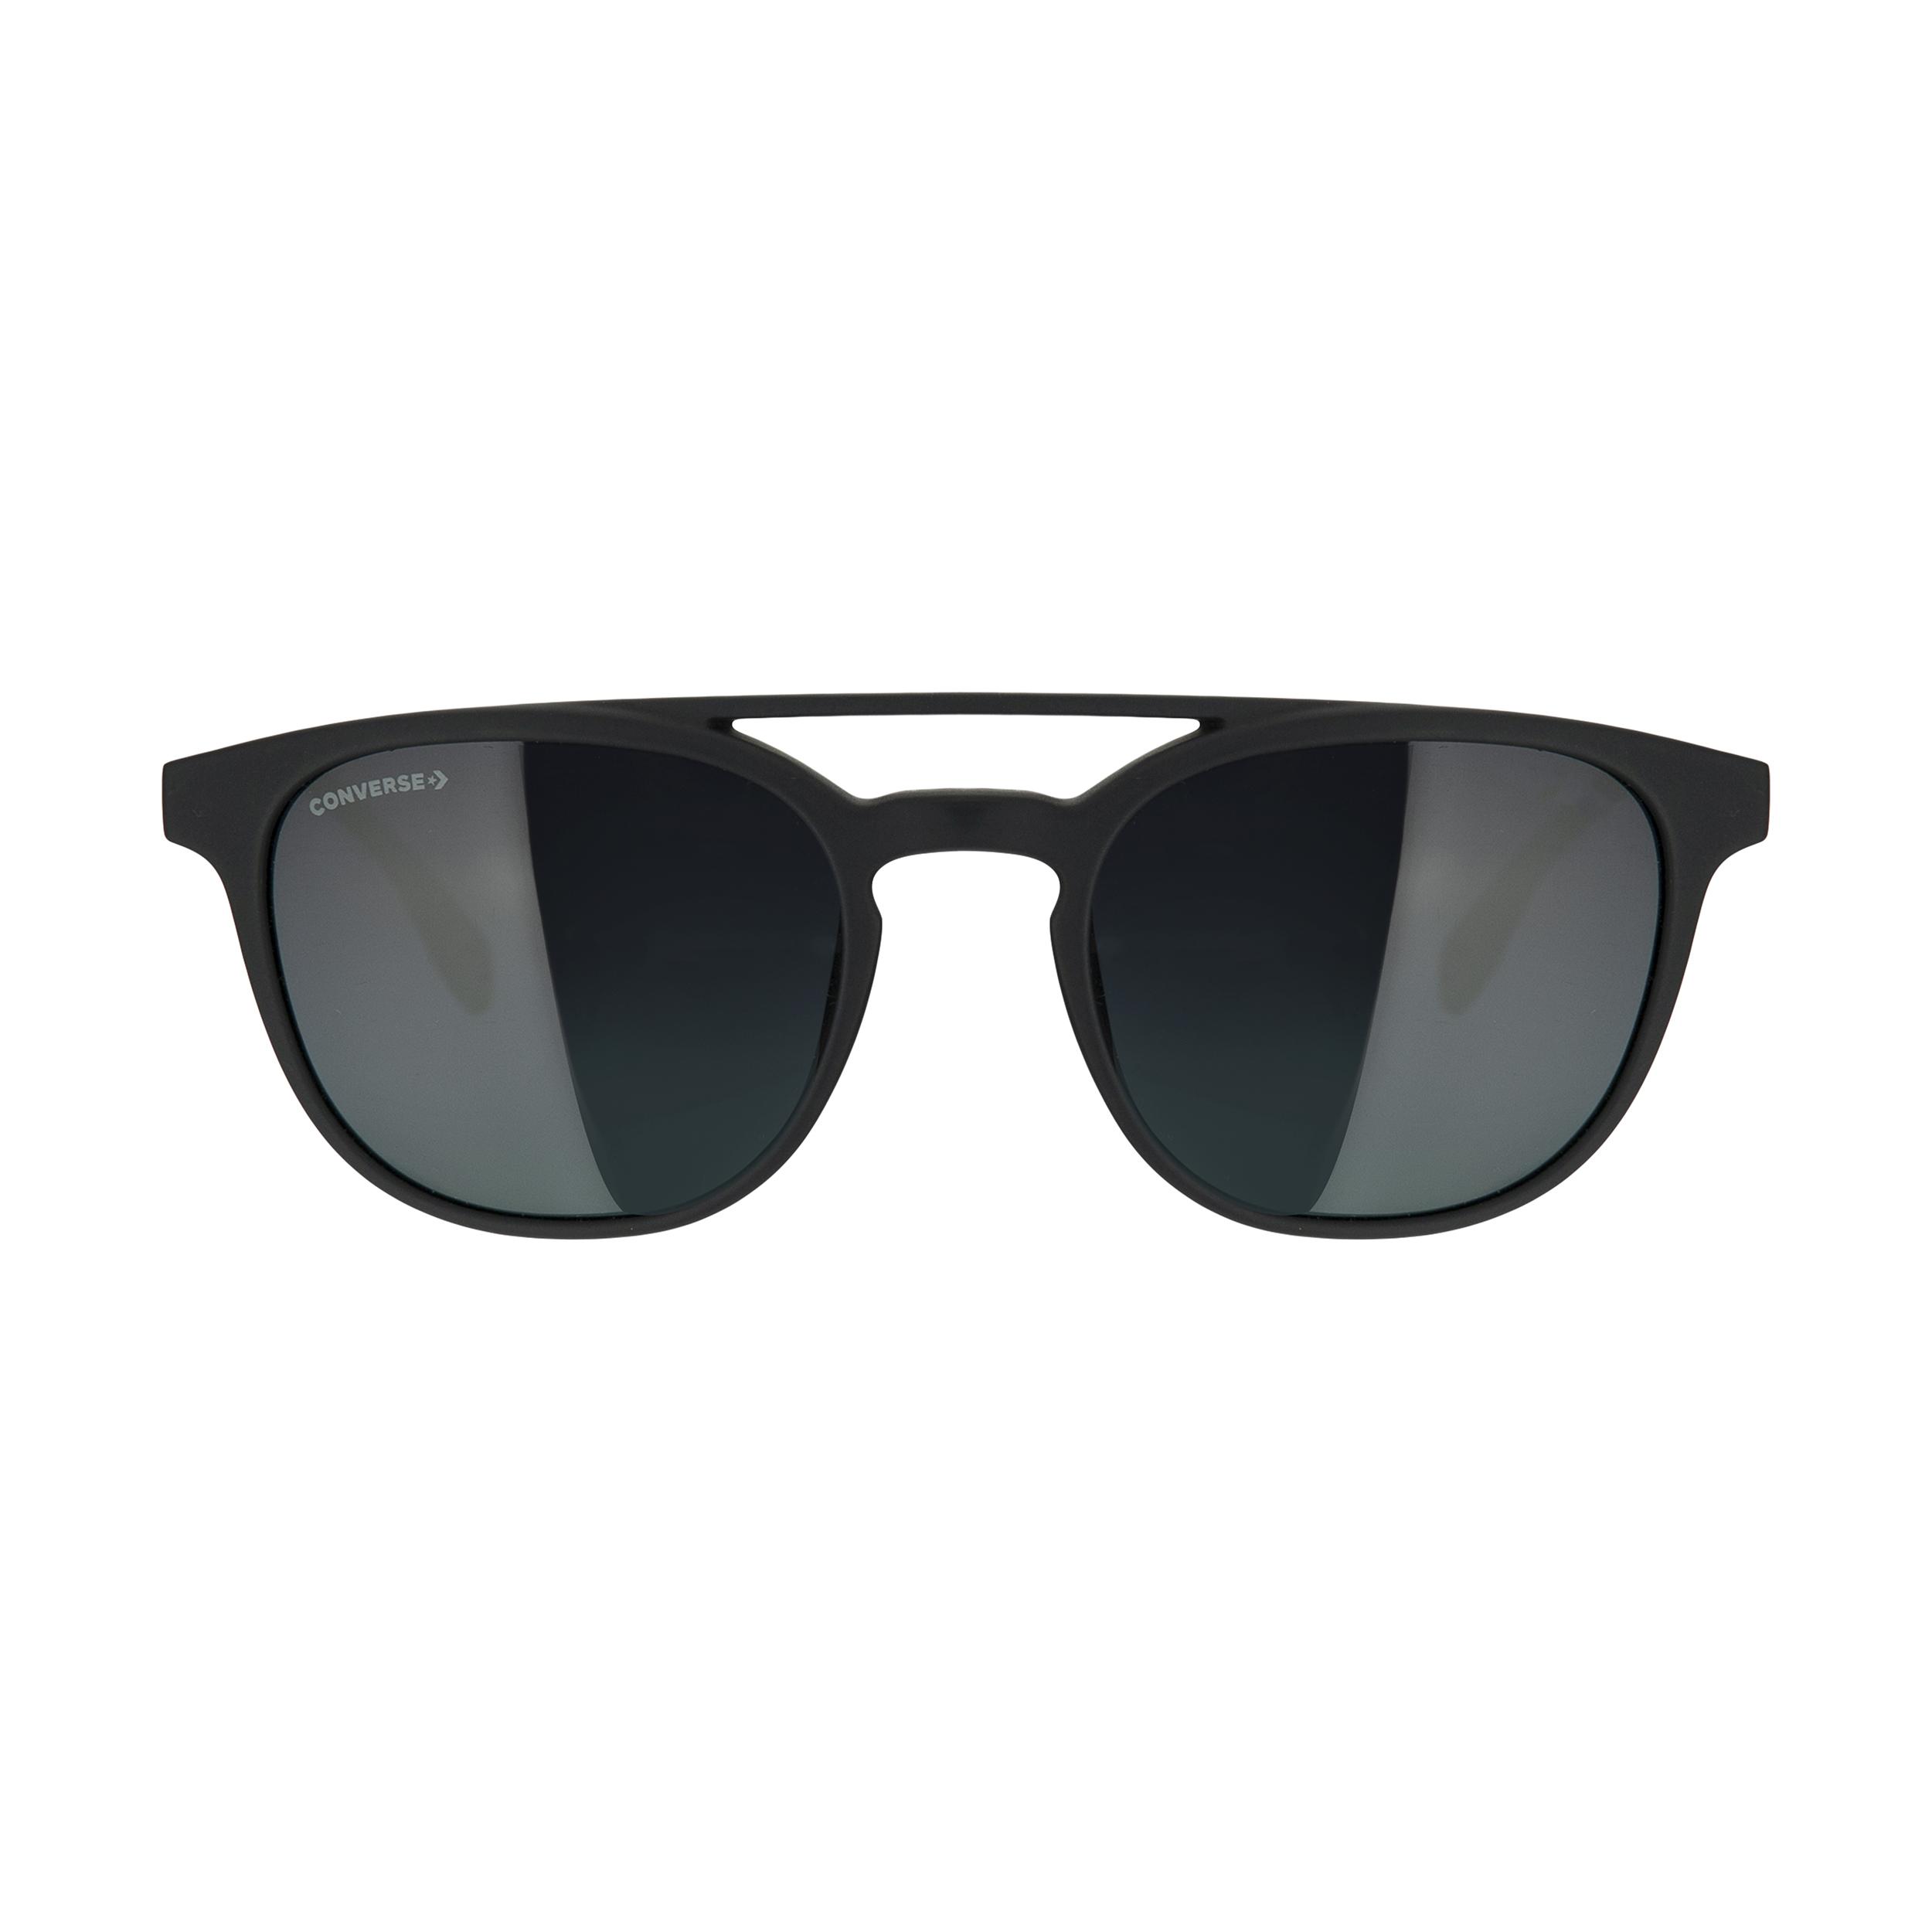 عینک آفتابی زنانه کانورس مدل SCO049Q 968P